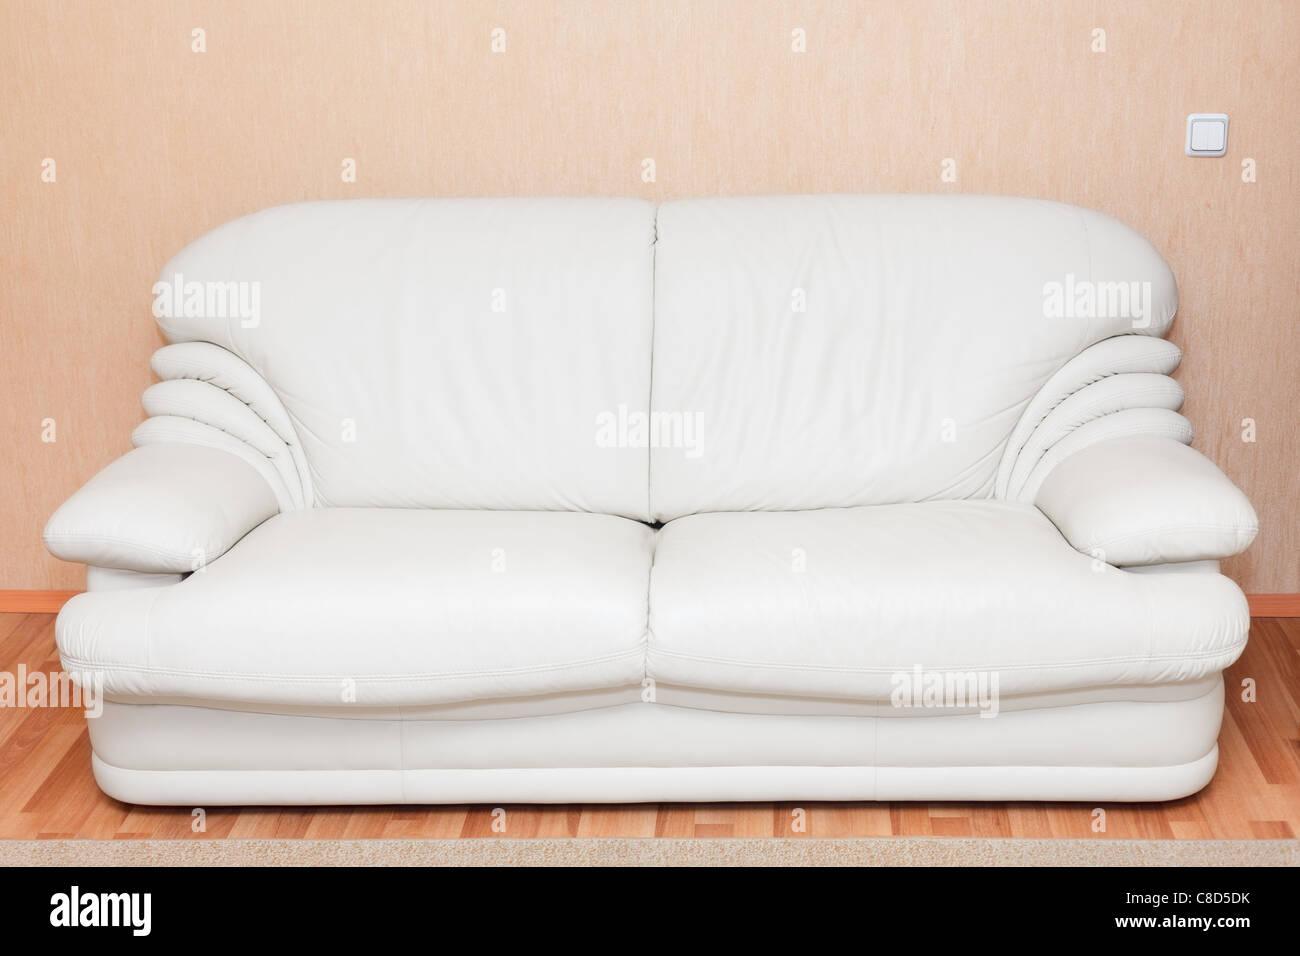 Weiße Ledercouch in das Rauminnere. Niemand Stockbild